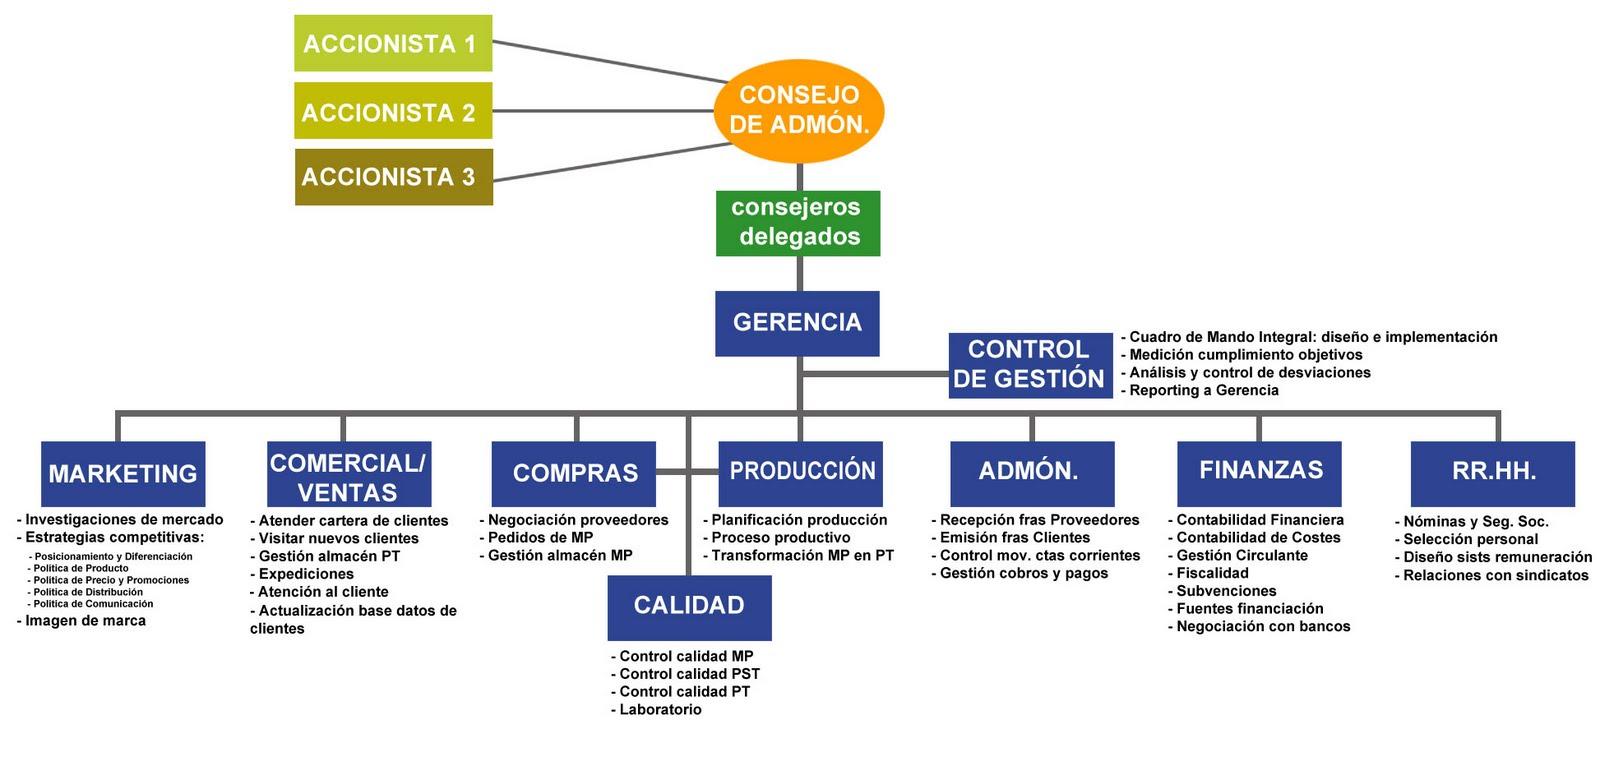 Organizaci n organigramas de empresas rankia for Organigrama de una empresa constructora